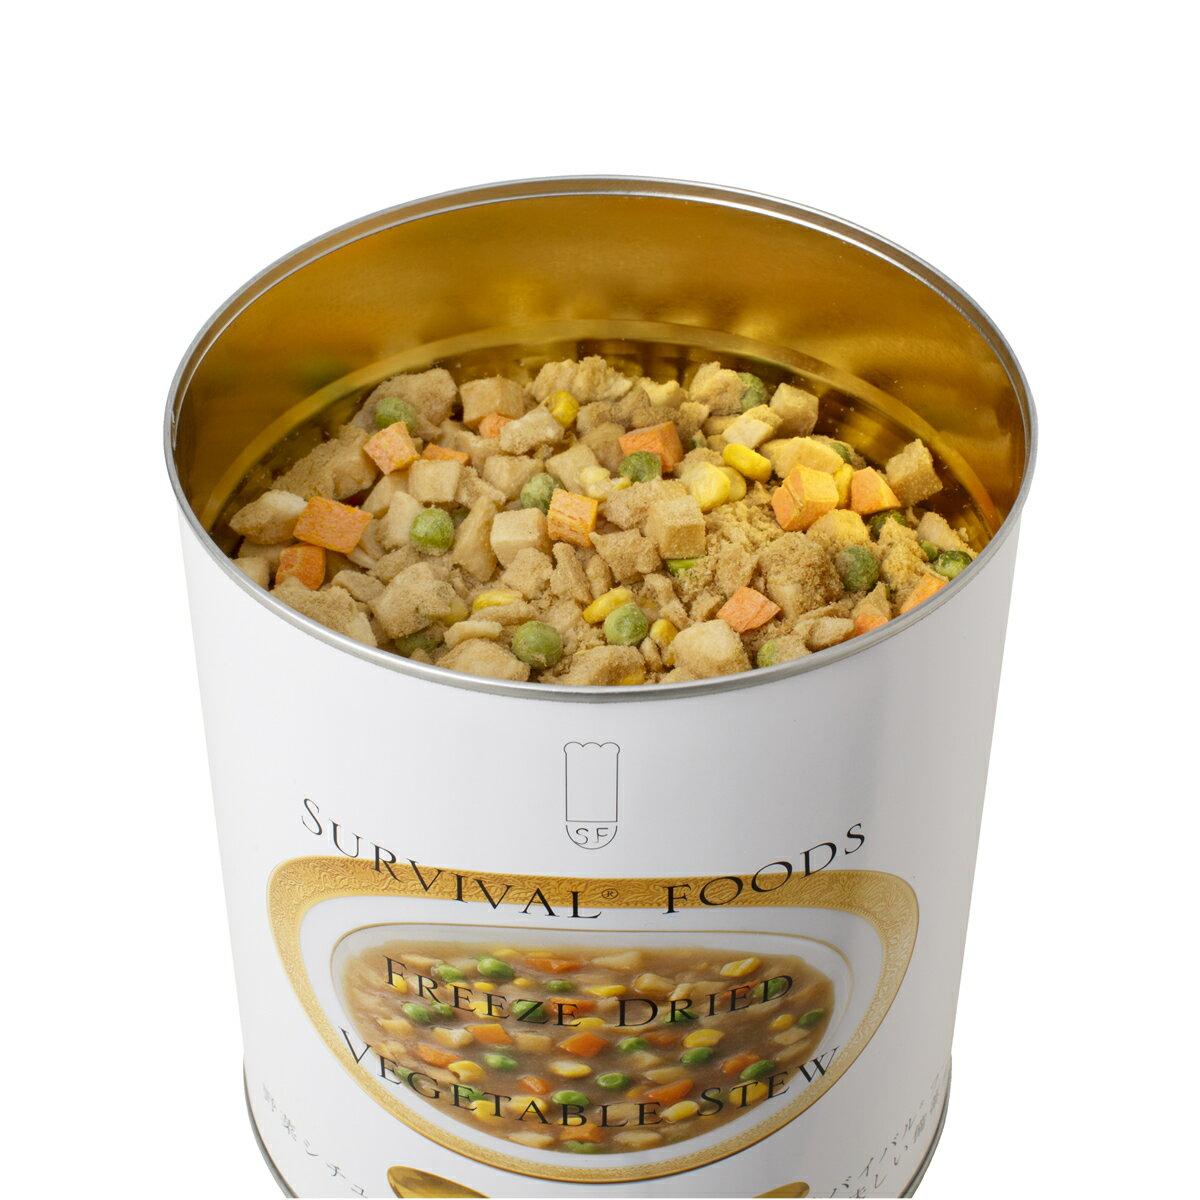 超・長期保存食サバイバルフーズ 保存食  大缶 野菜シチュー(6缶セット)非常食